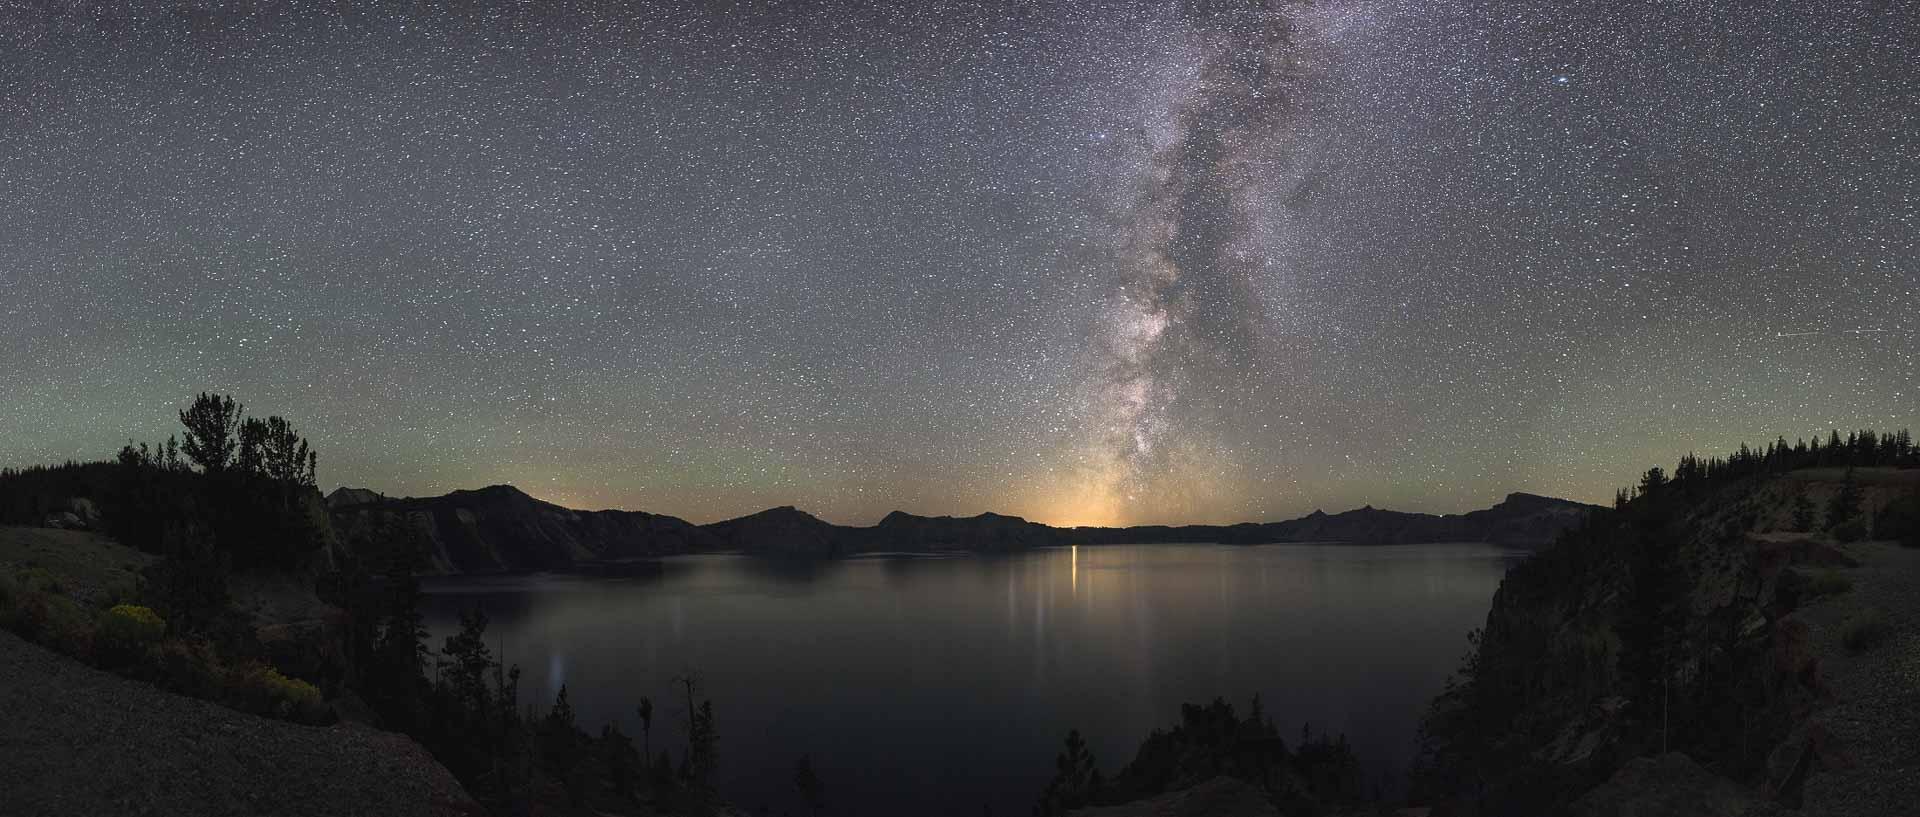 Tips Melkweg fotograferen